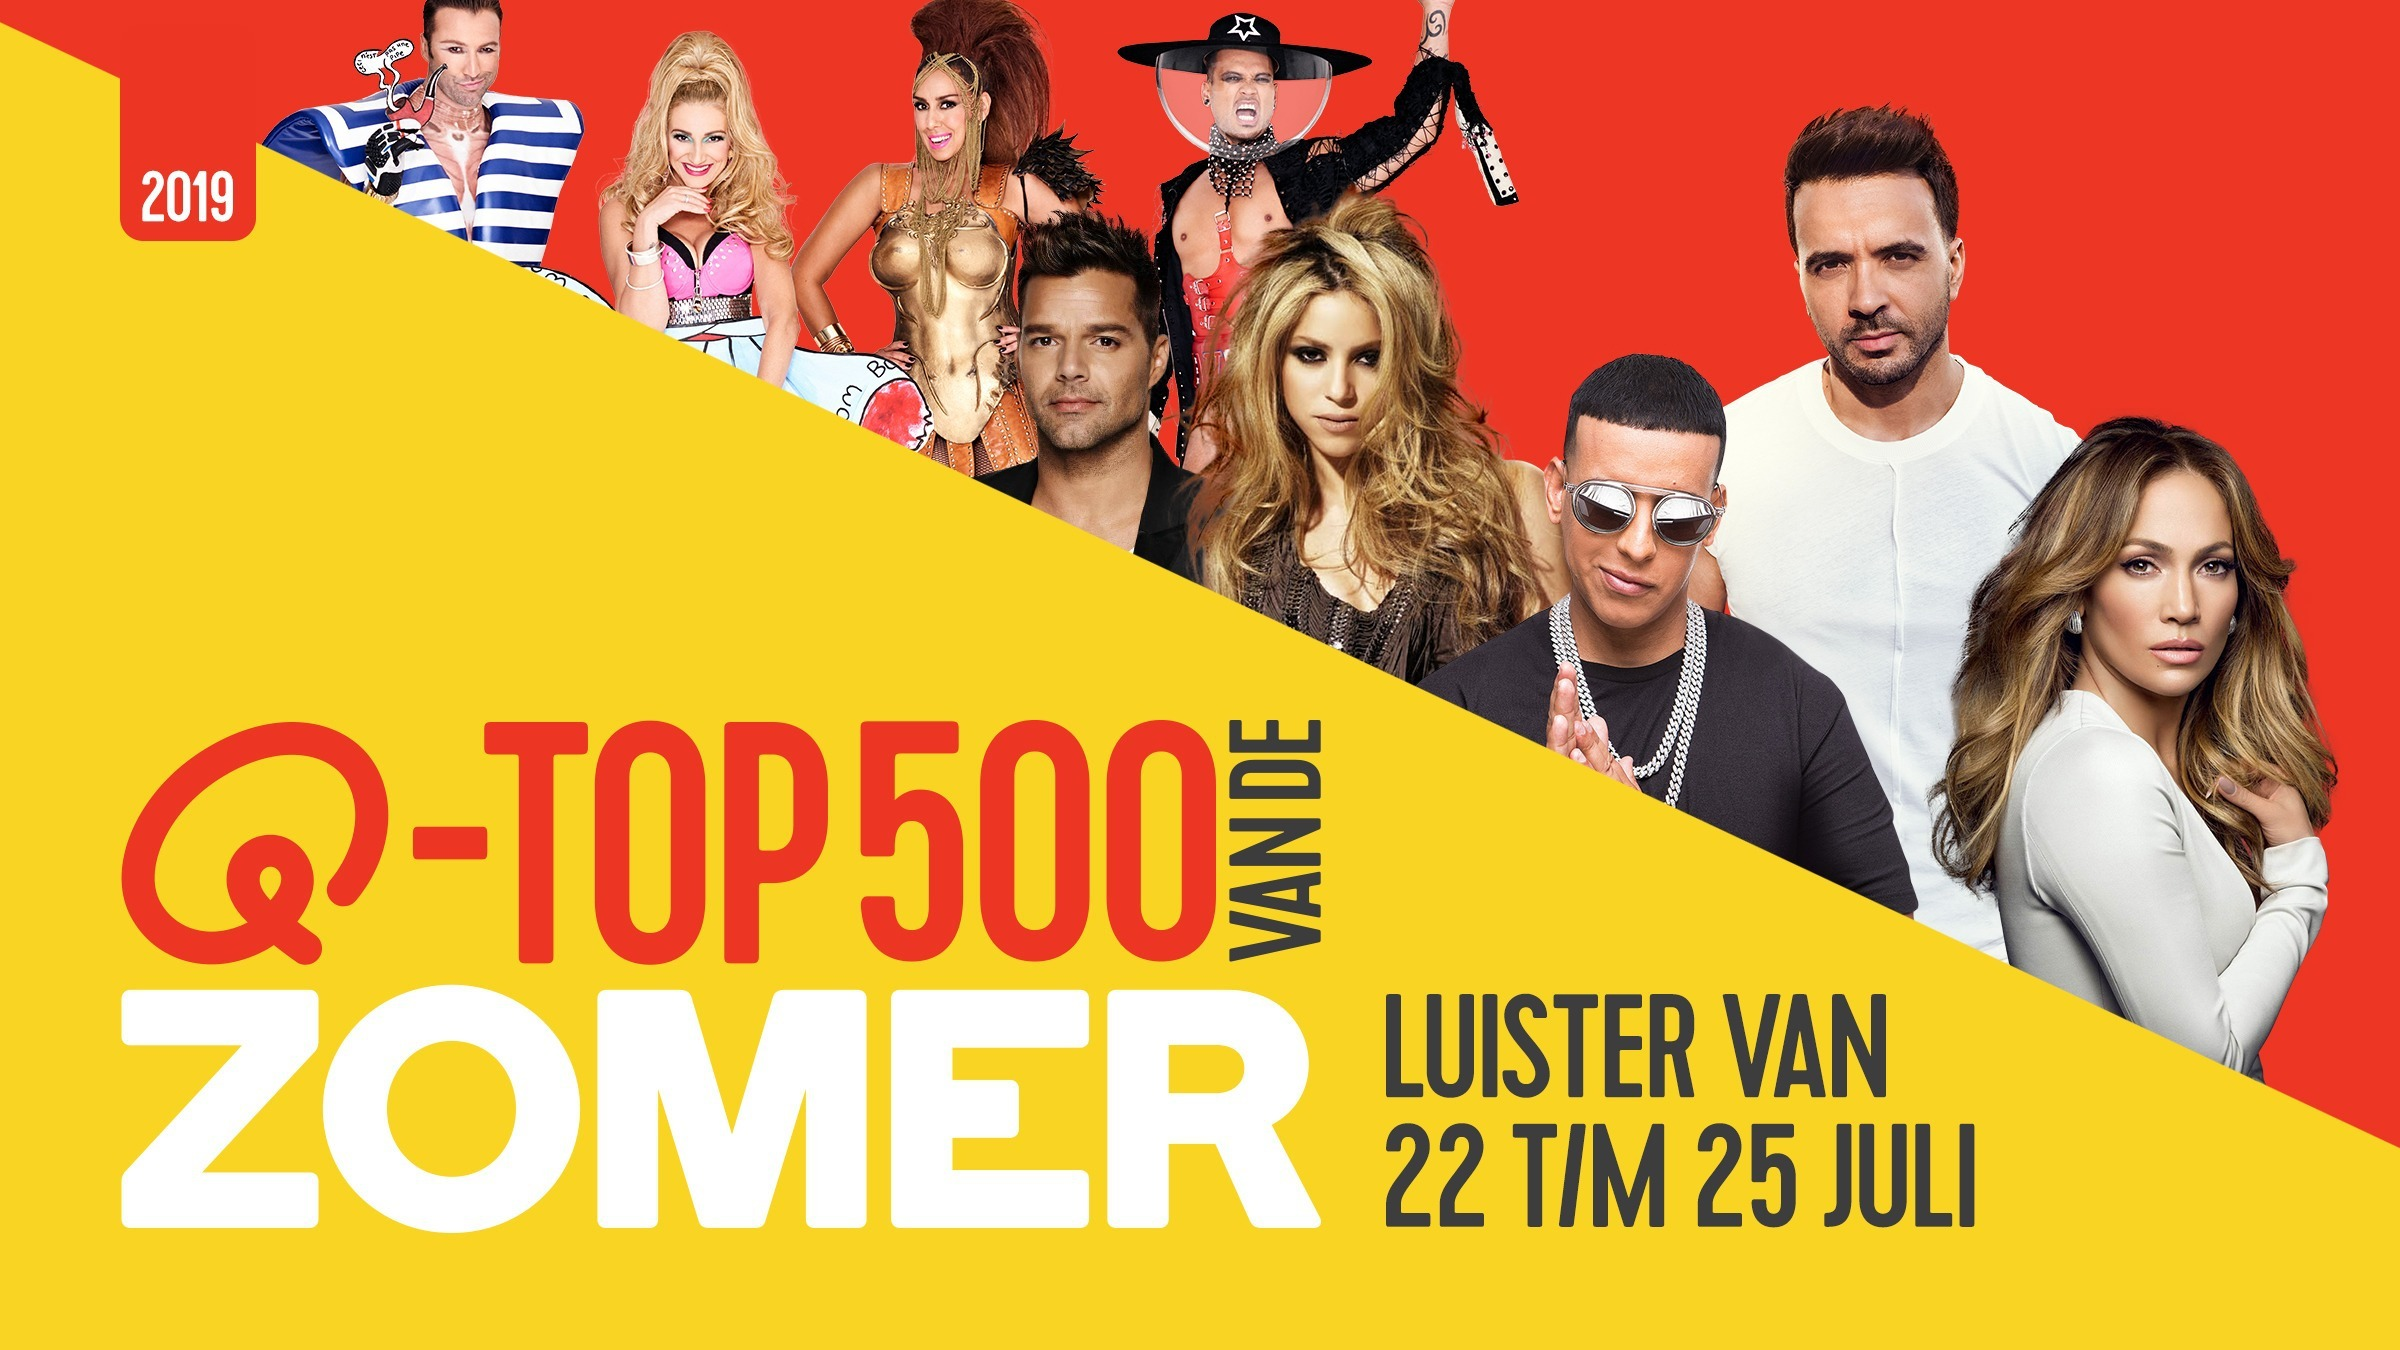 Qmusic teaser top500 zomer 2019 luister